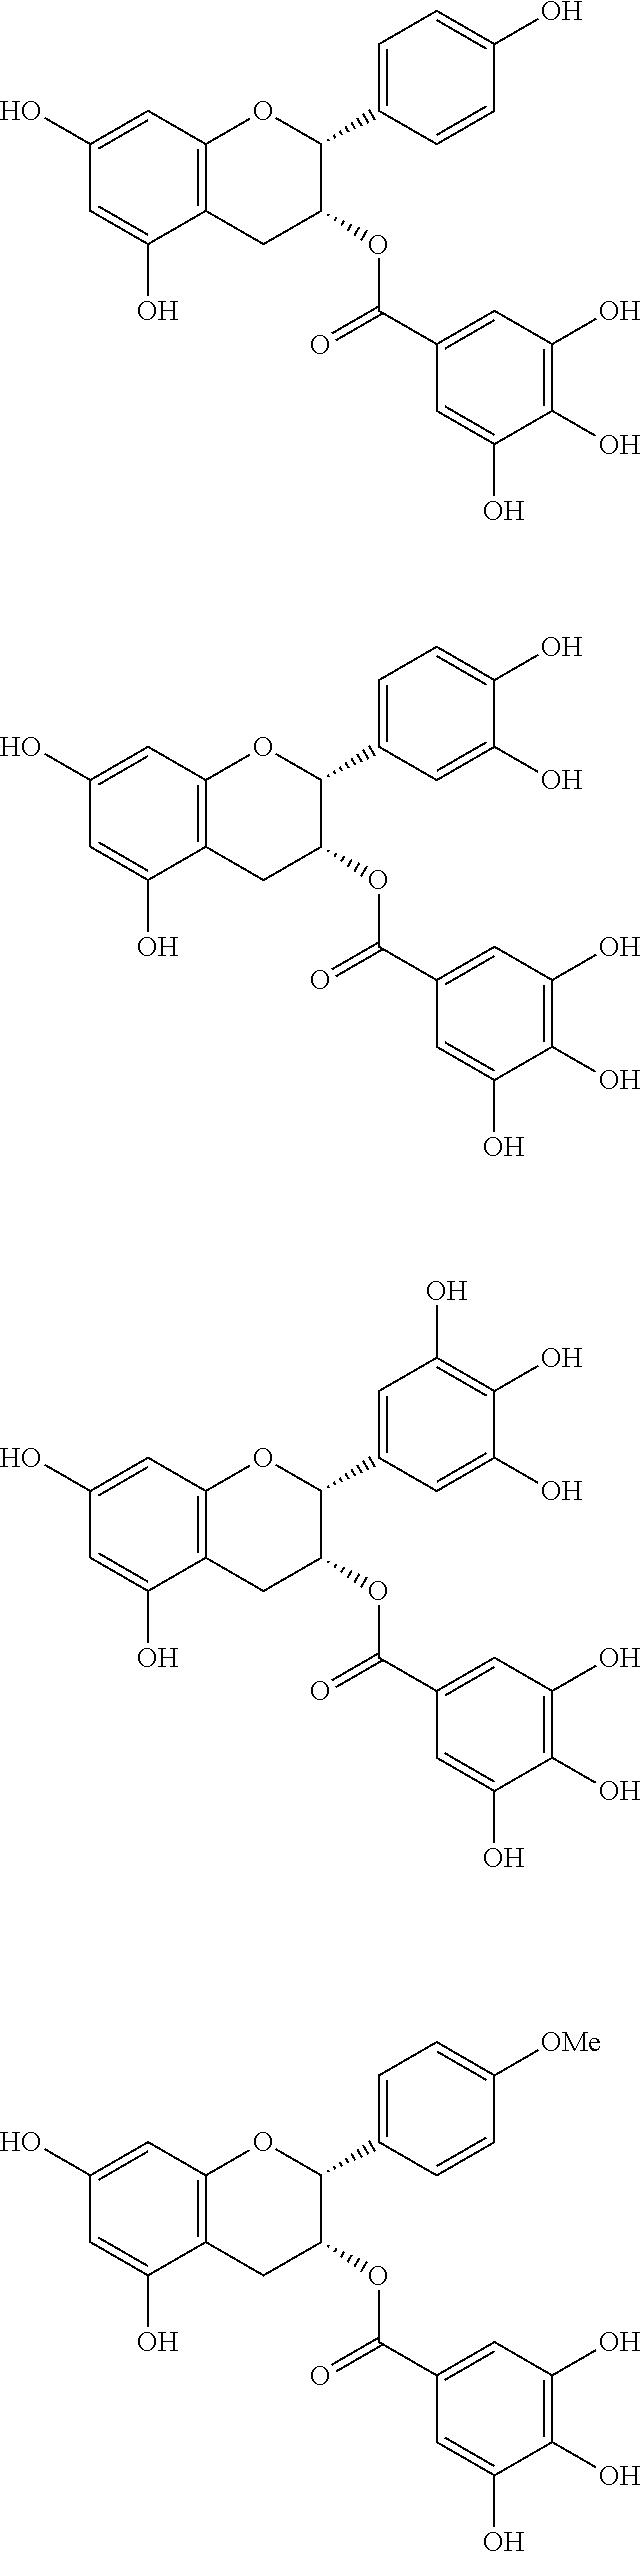 Figure US09962344-20180508-C00163